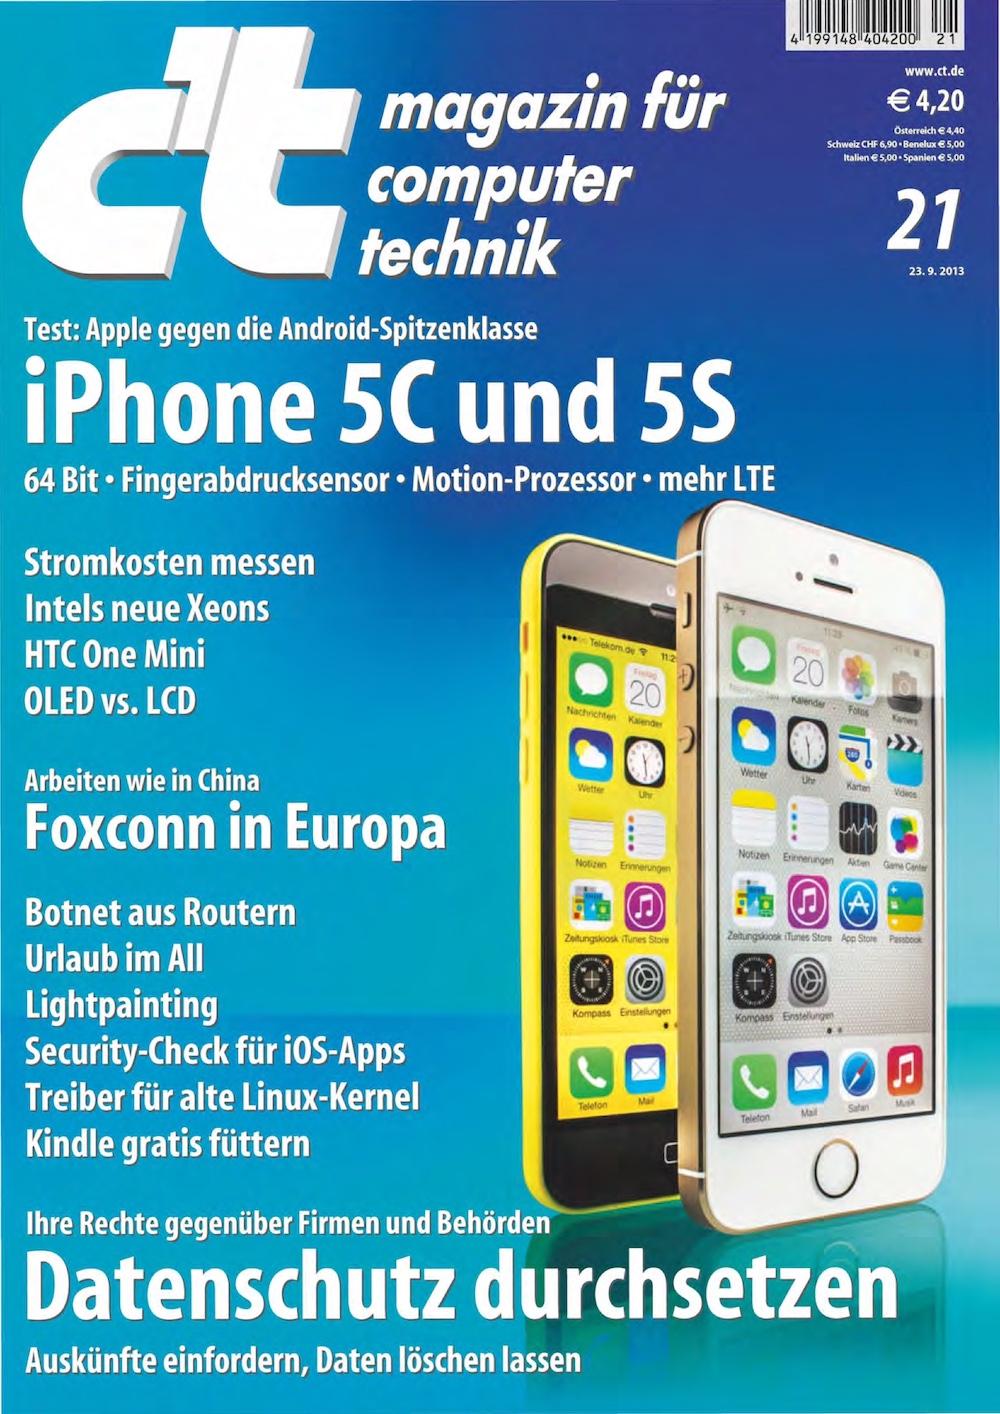 c't Magazin 2013-21